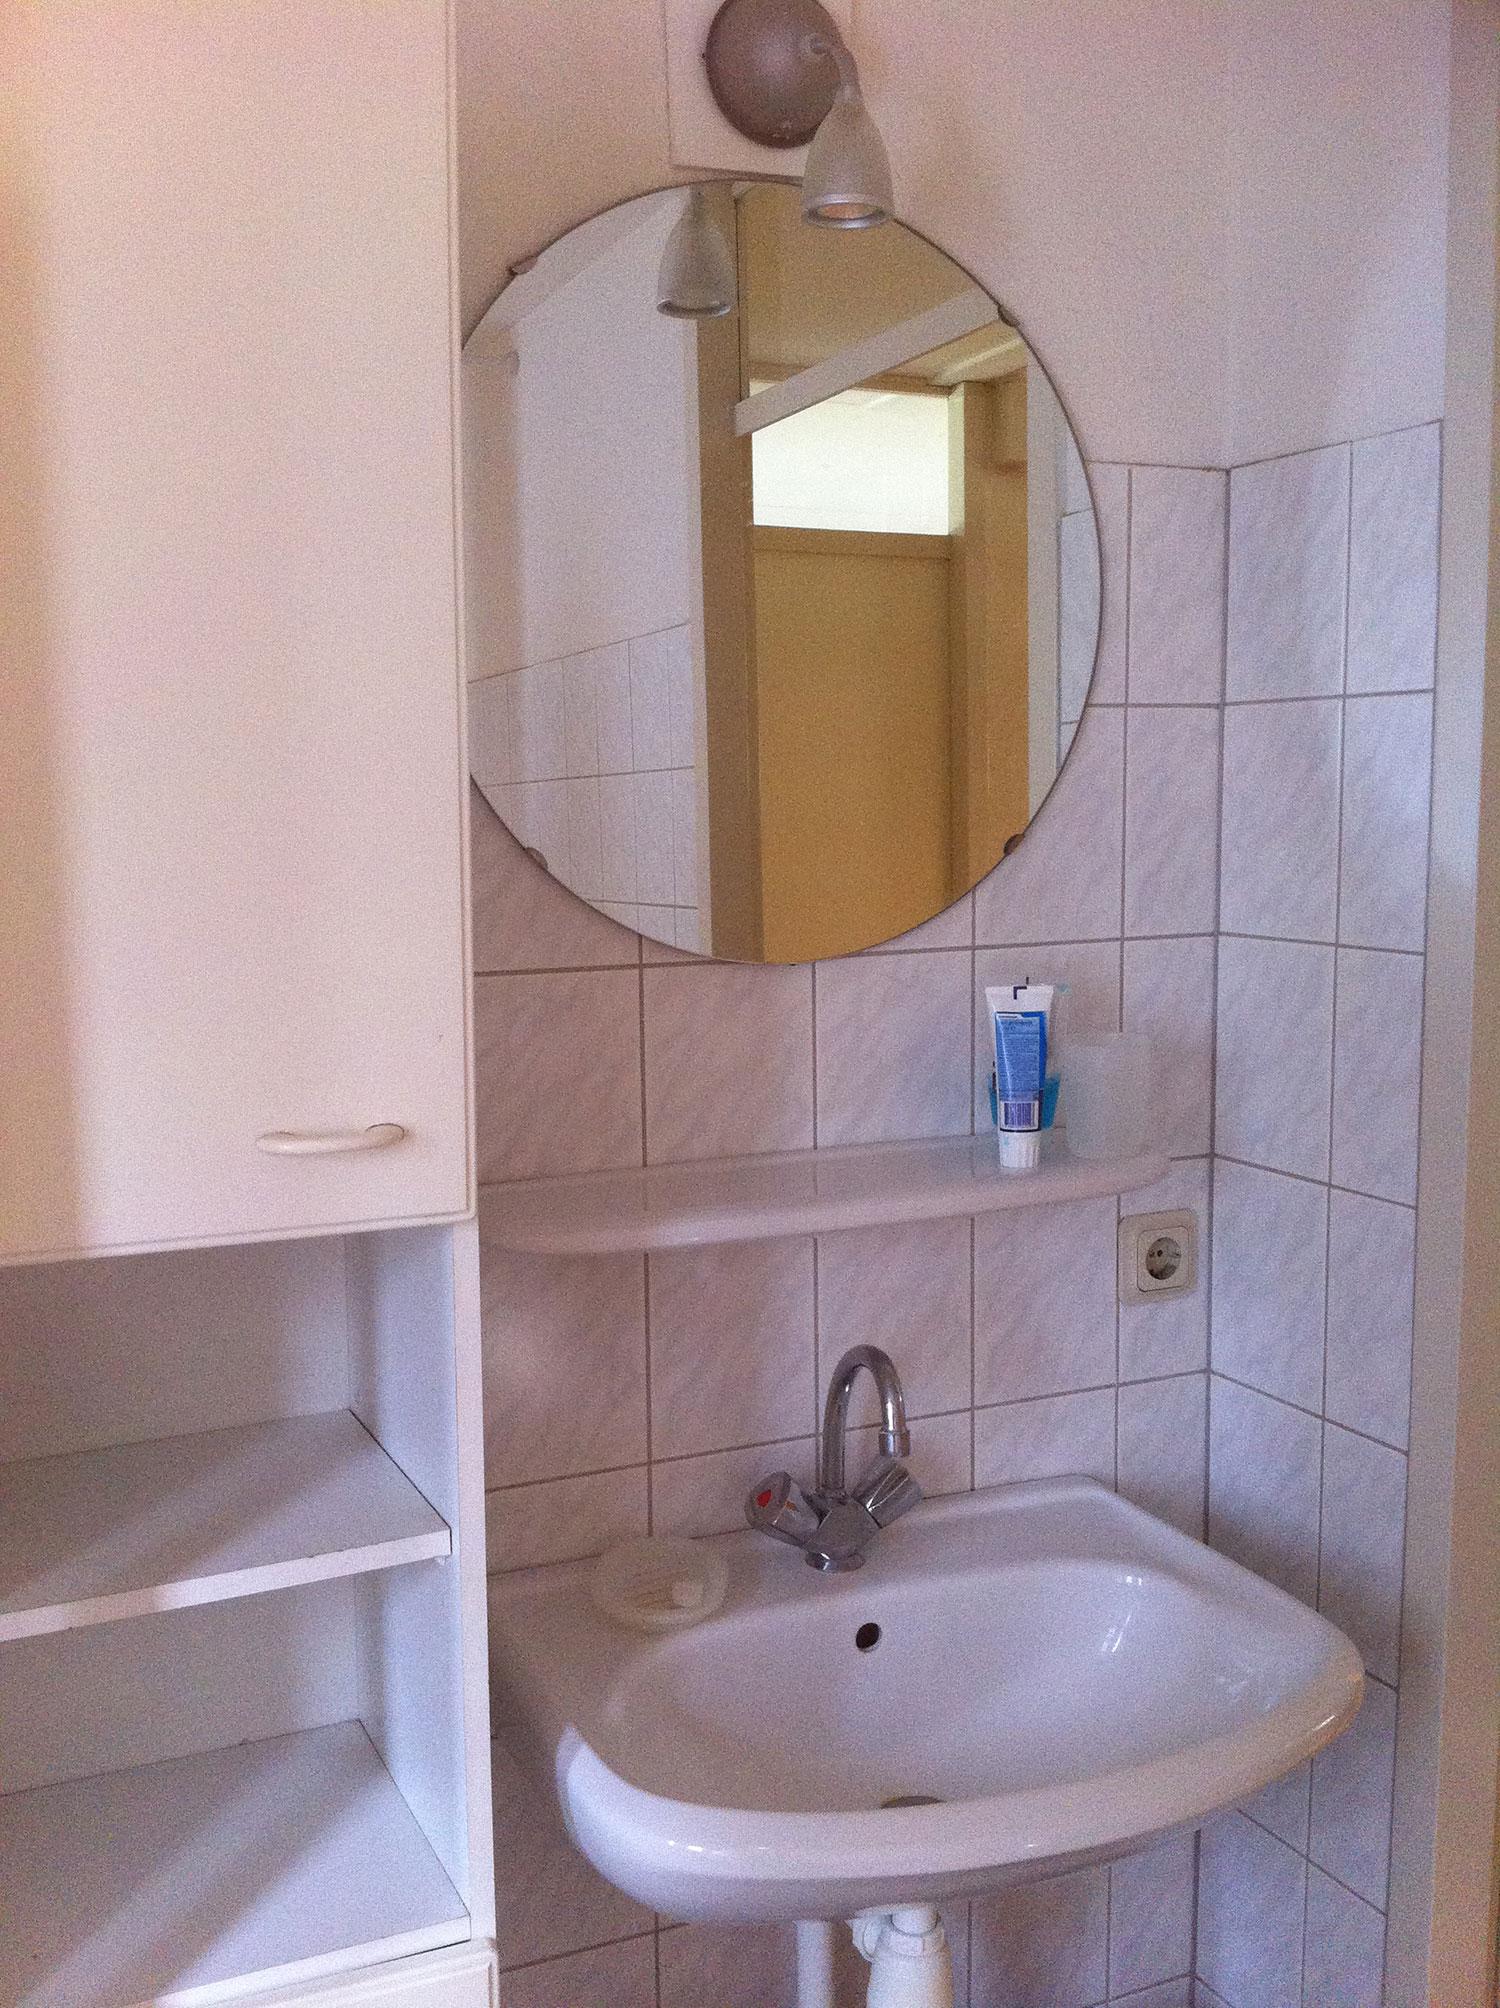 Badkamer Enschede (bruin/wit) | Installatiebedrijf R. van Baren